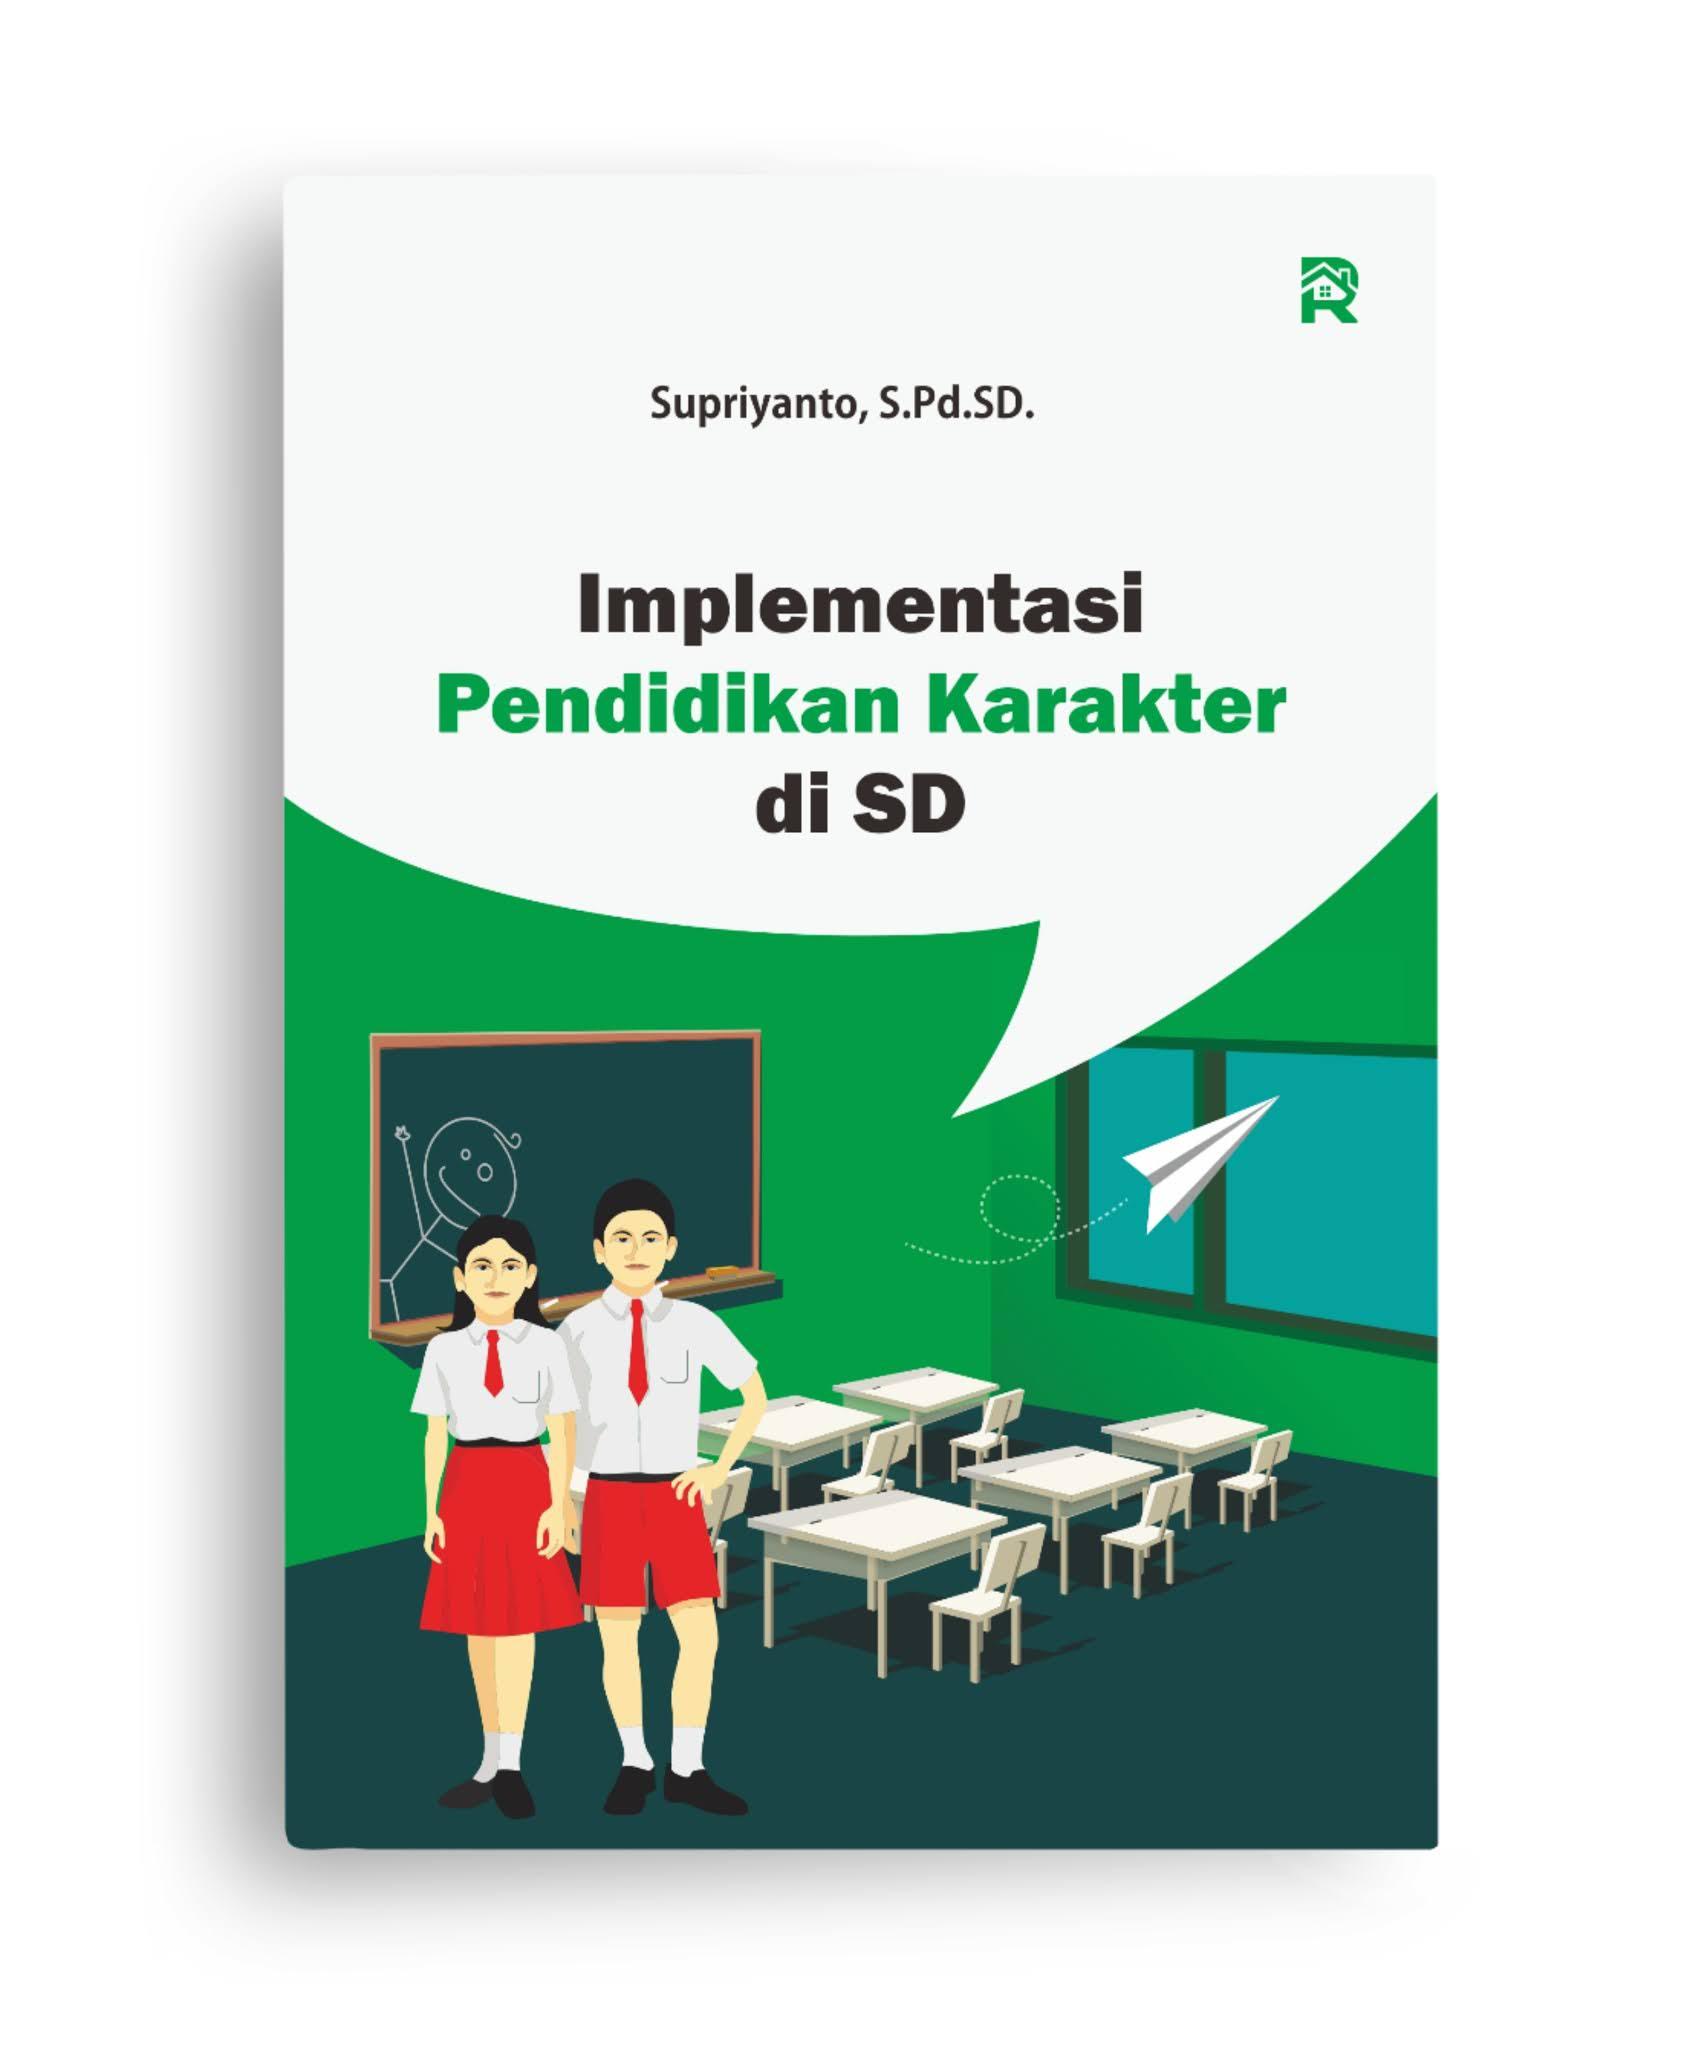 Implementasi Pendidikan Karakter di SD